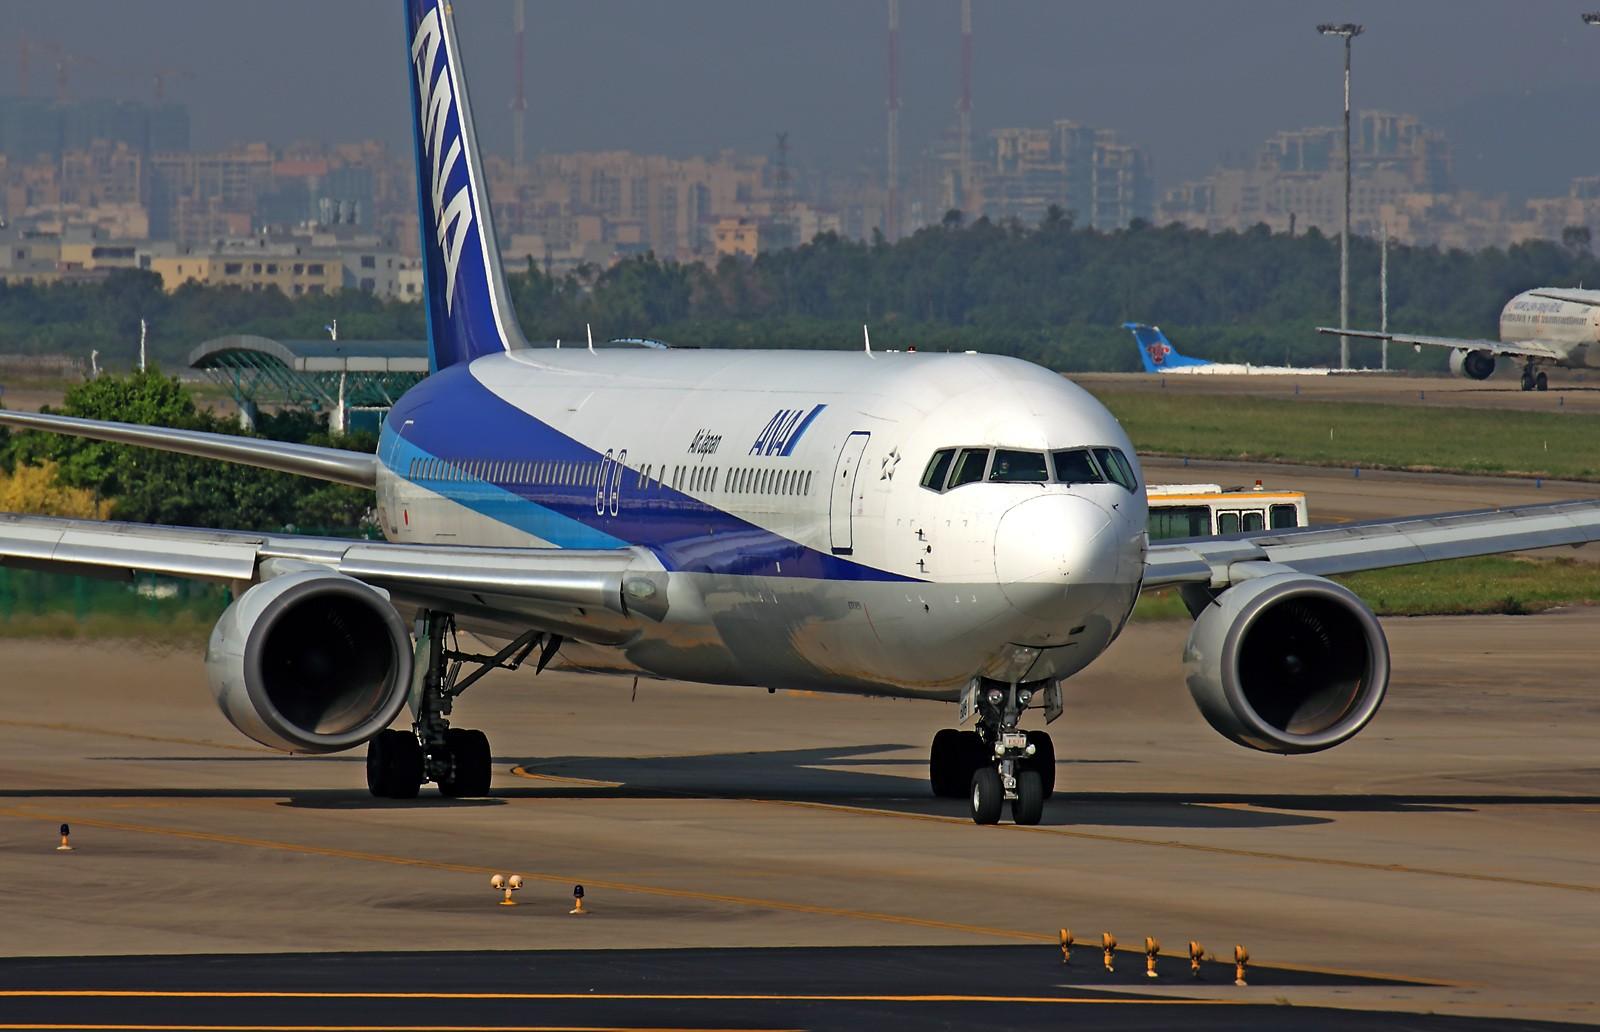 Re:[原创]*** 清晨美妙的光线,拍一拍等待中的飞机也是一种享受 *** B767-300 JA616A 中国广州白云机场